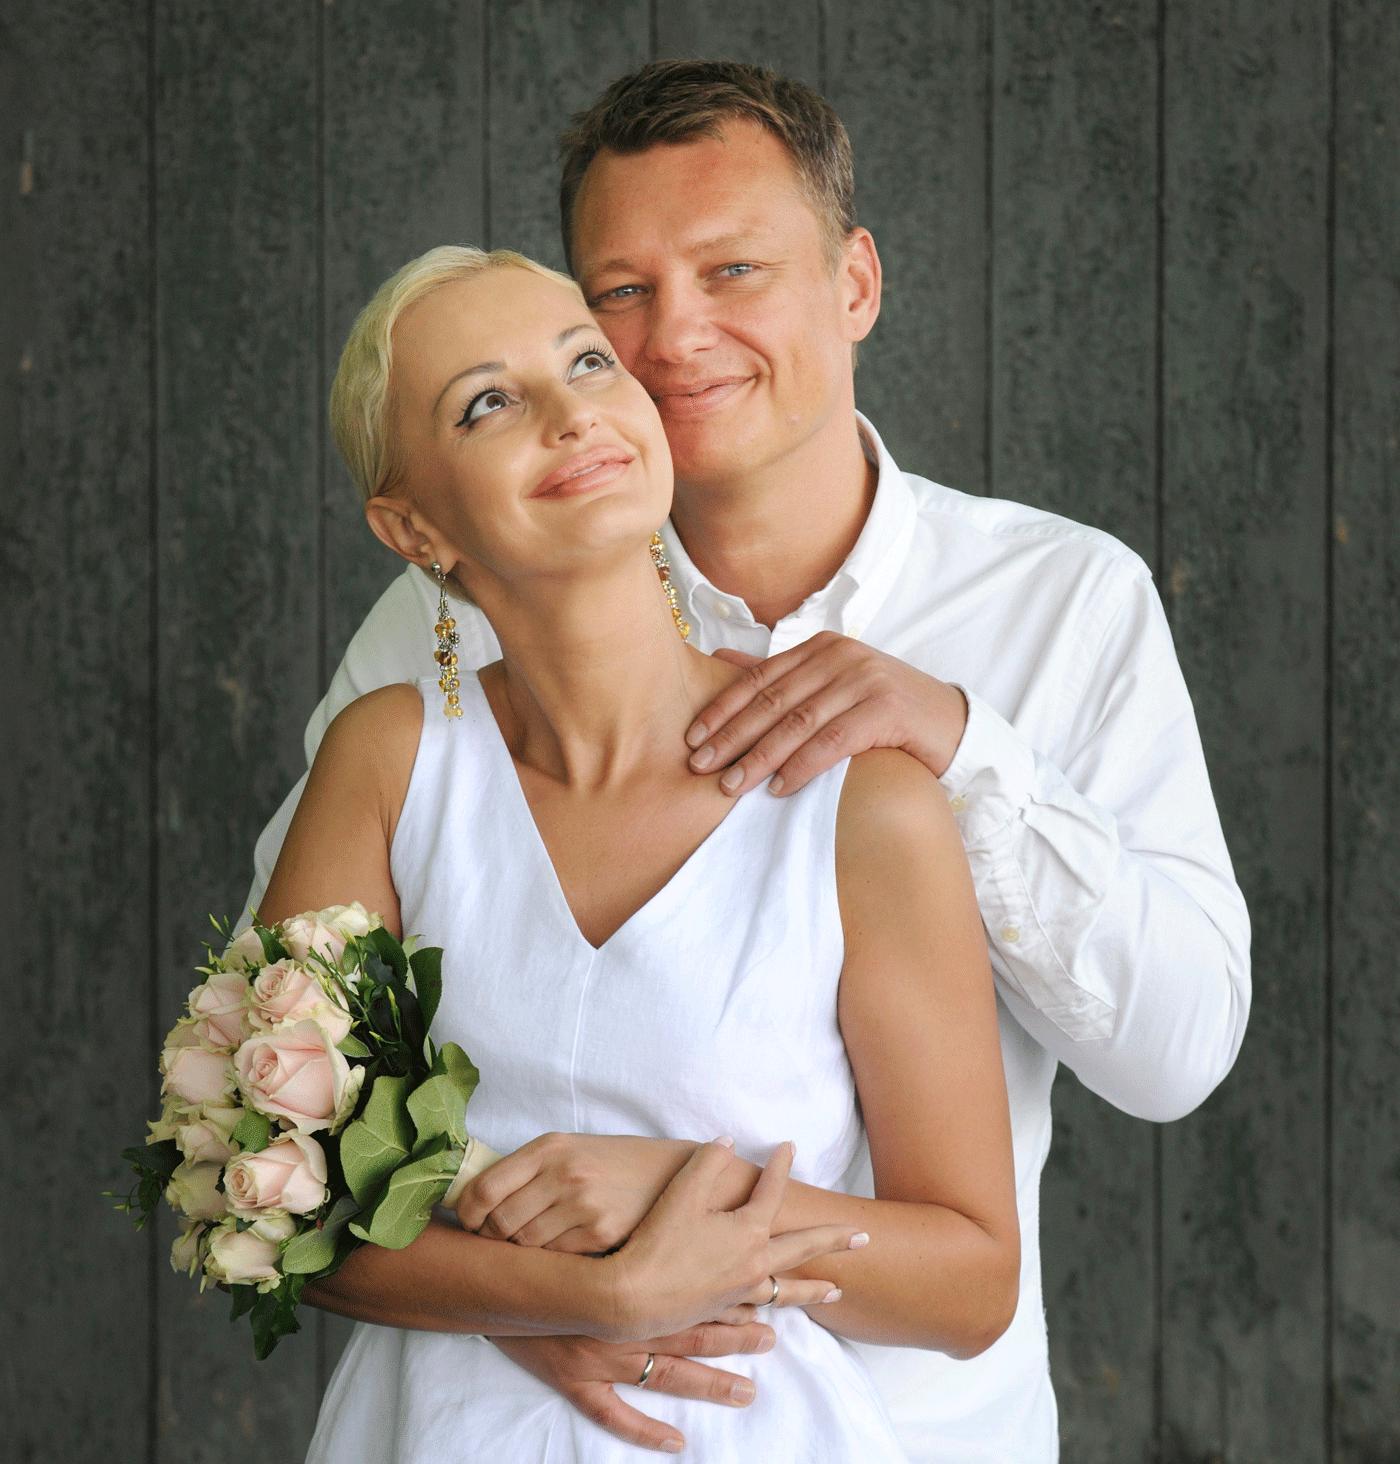 Bryllupsfoto med Rådhusbryllup og billig bryllupsfoto